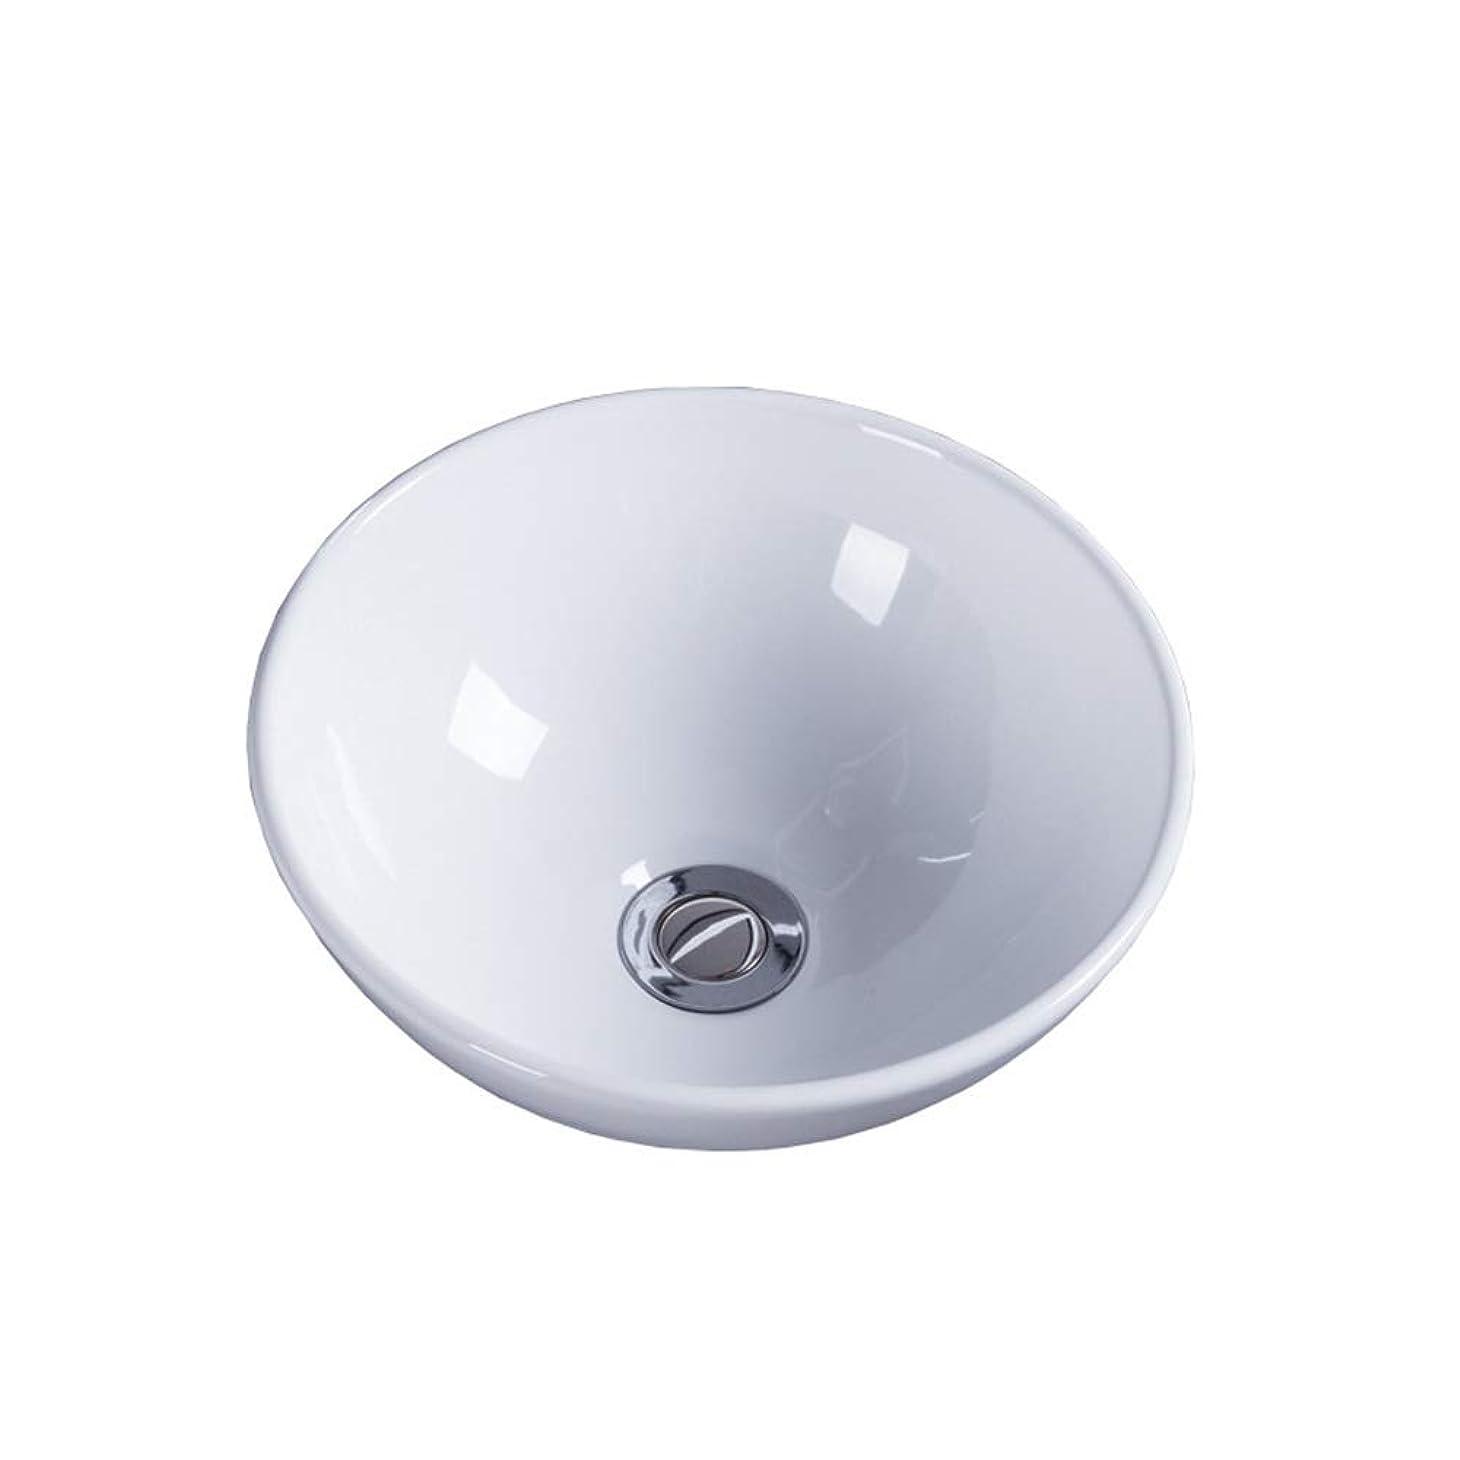 怖いイブニング誘導洗面ボウル 洗面ボール洗面台 洗面器 手洗い鉢陶器製 現代のラウンドバニティカウンターシンクボウルバスルームの容器シンク (Color : White, Size : 40x40x15cm)